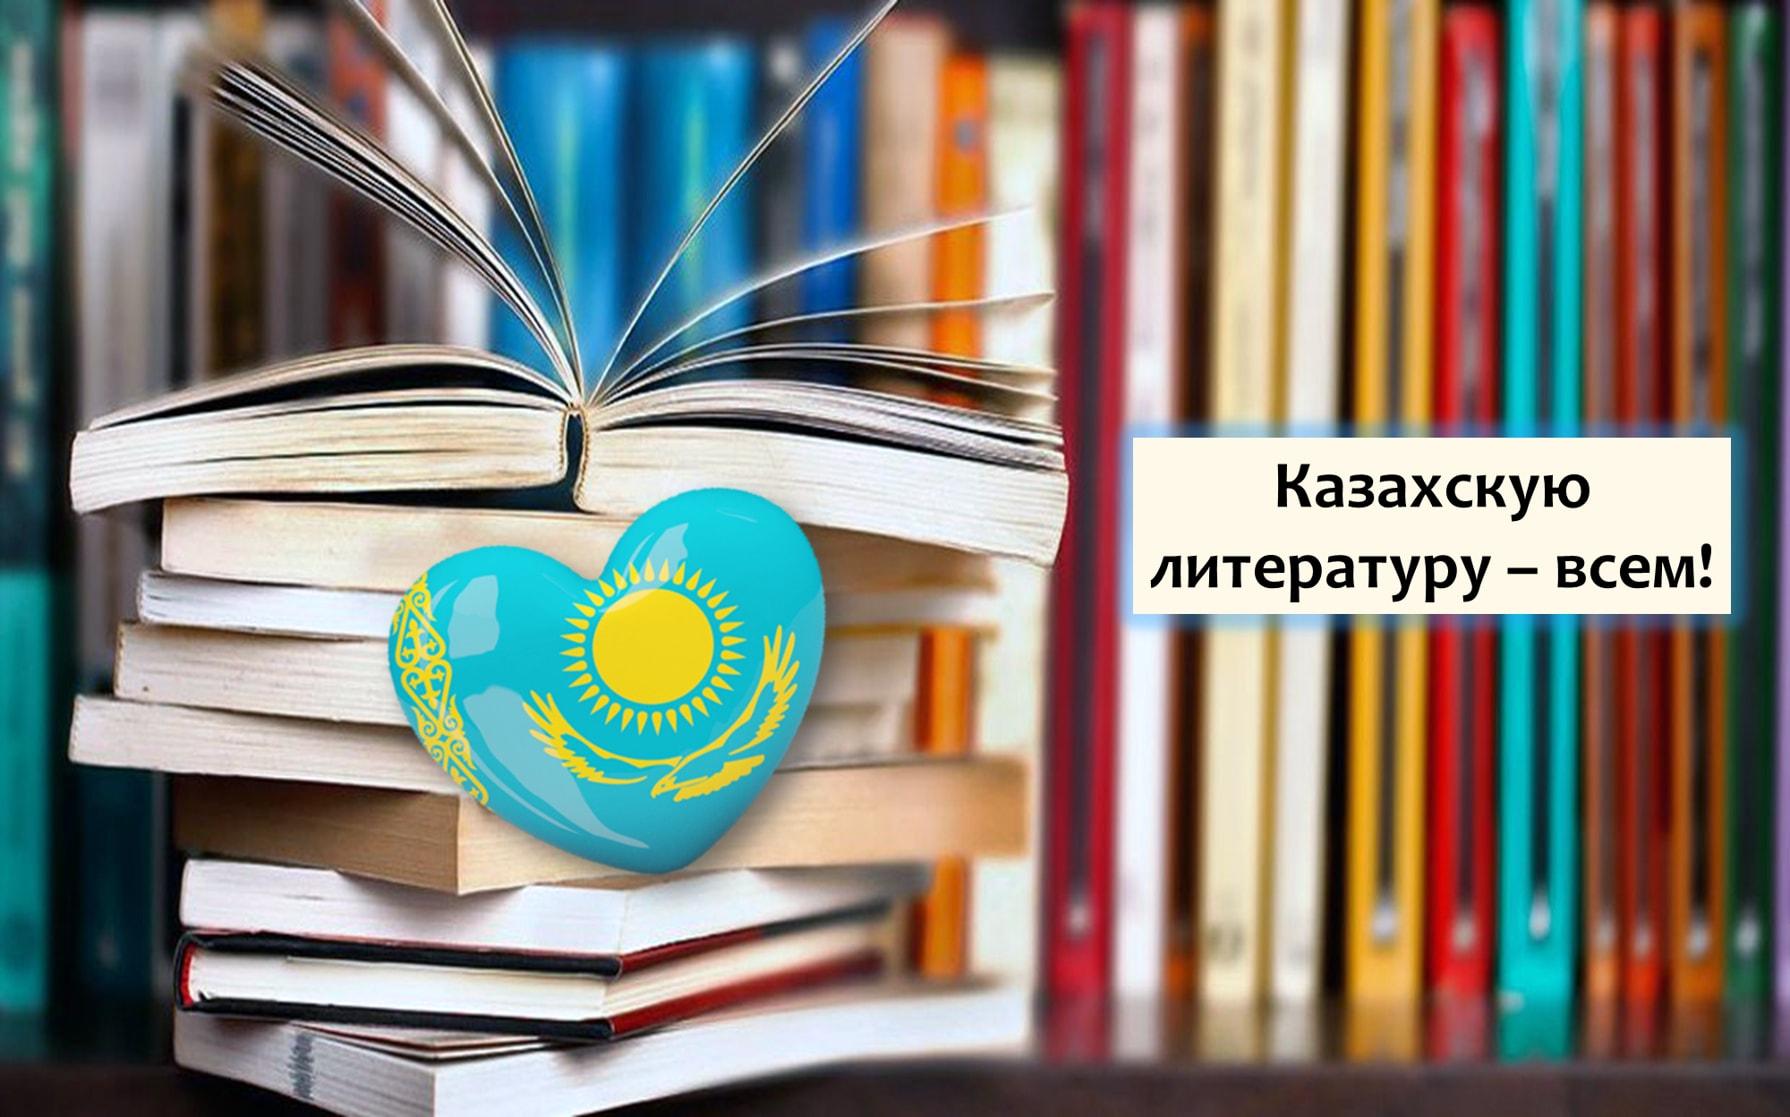 You are currently viewing Казахскую литературу переводят на 6 языков ООН